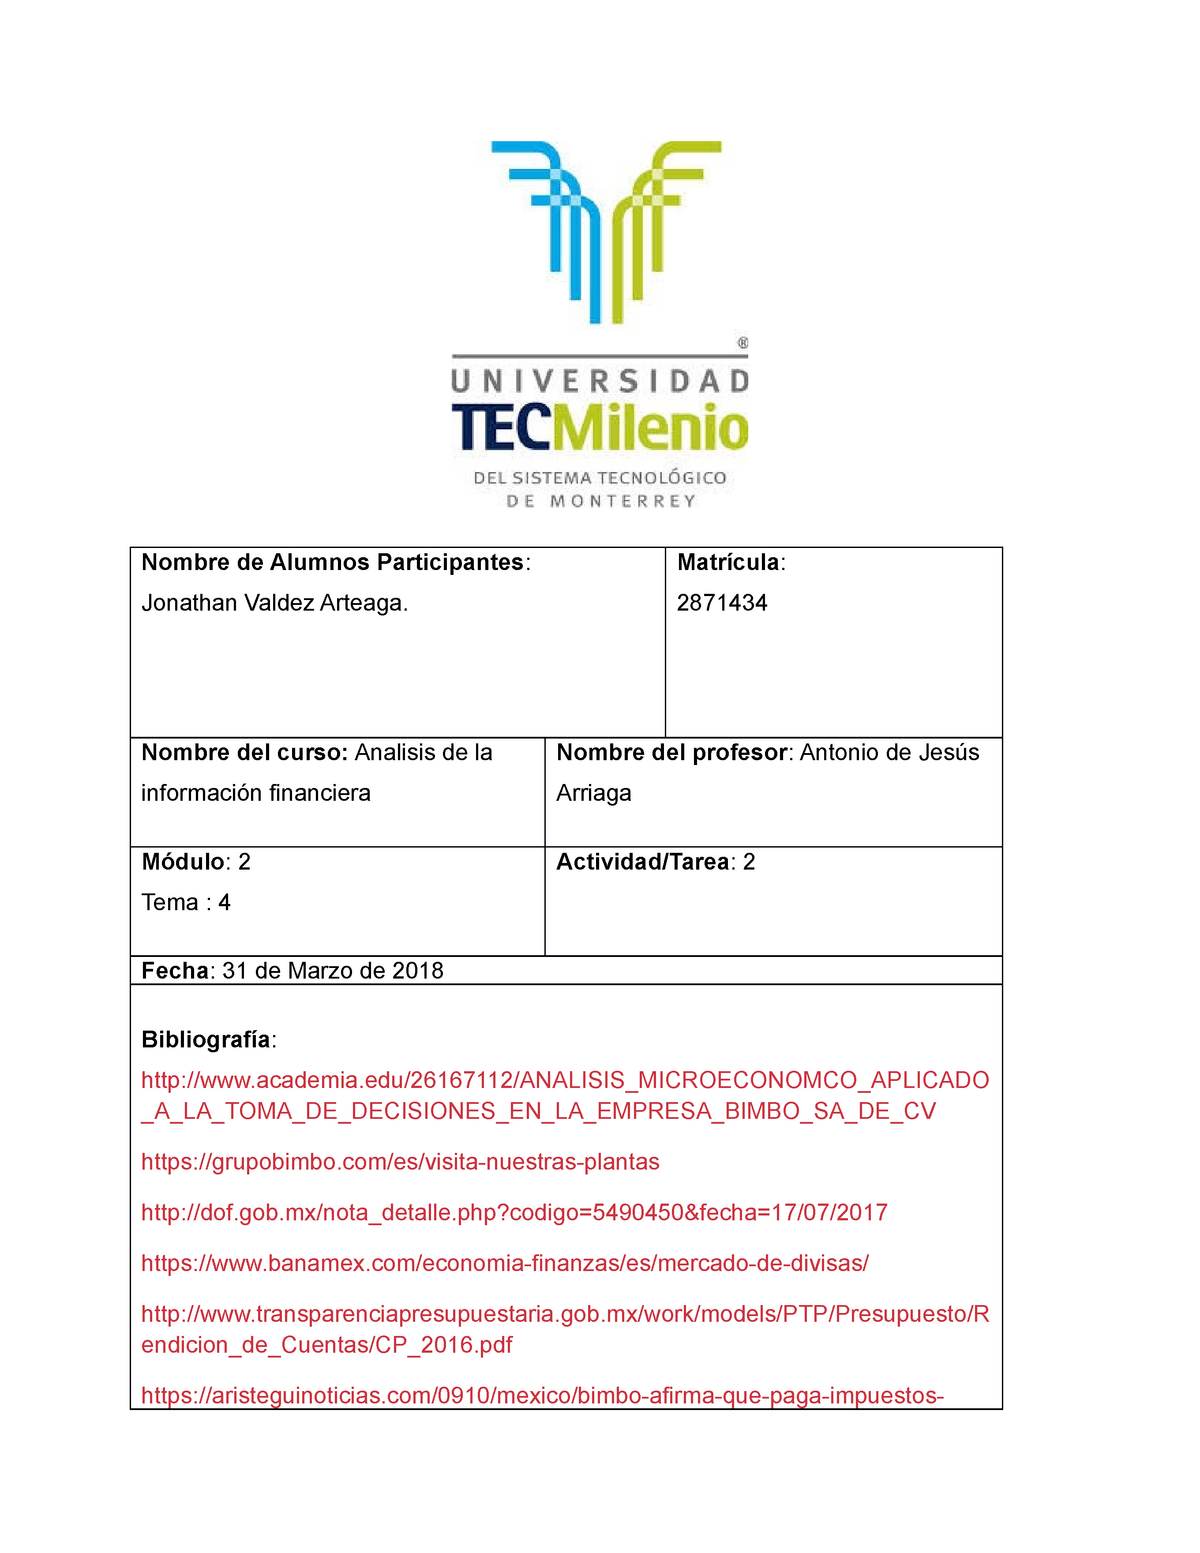 Proyecto Bimbo Final Grade 100 Economia Tecmilenio